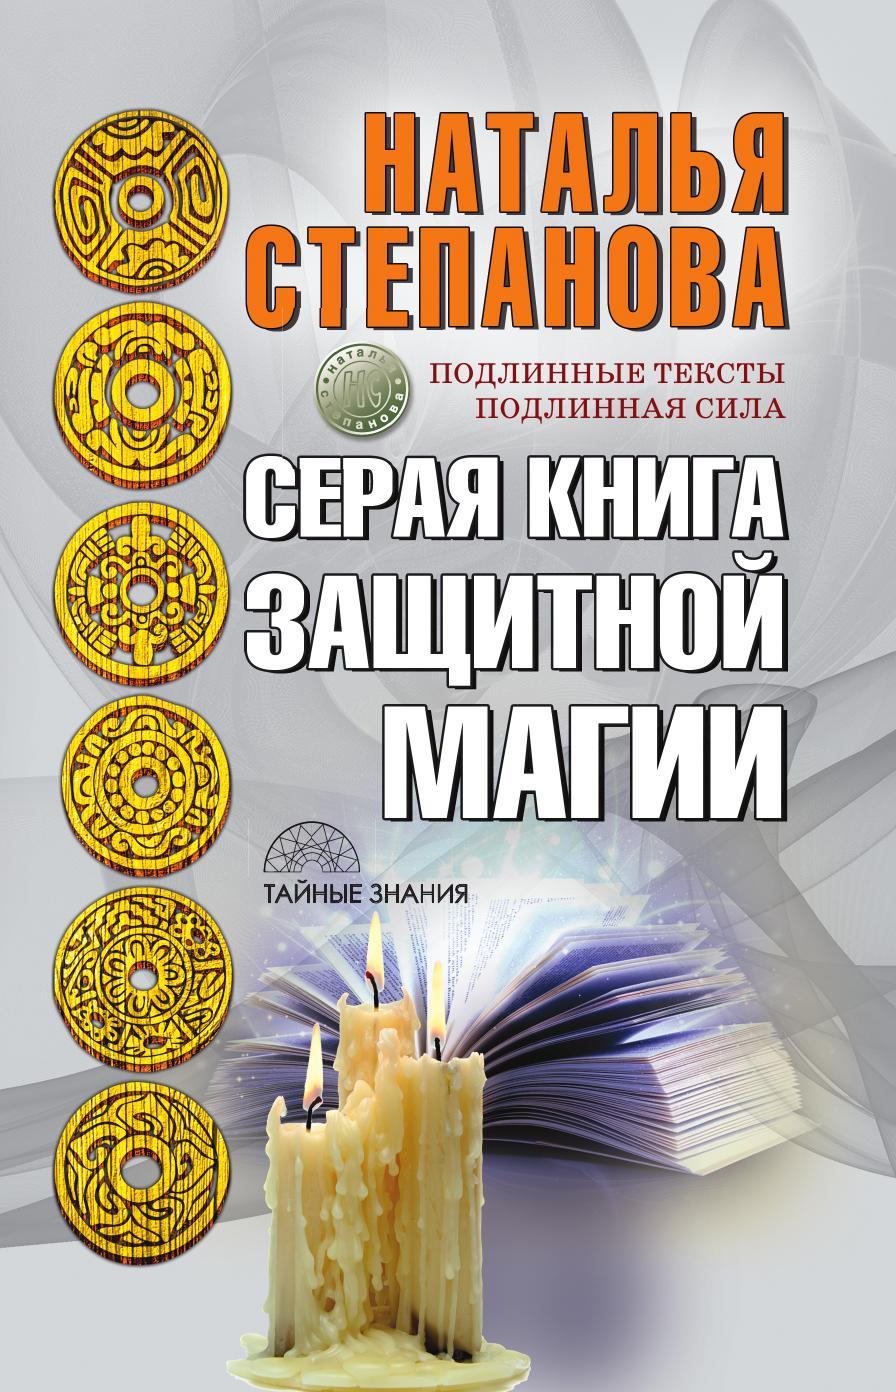 Серая книга защитной магии